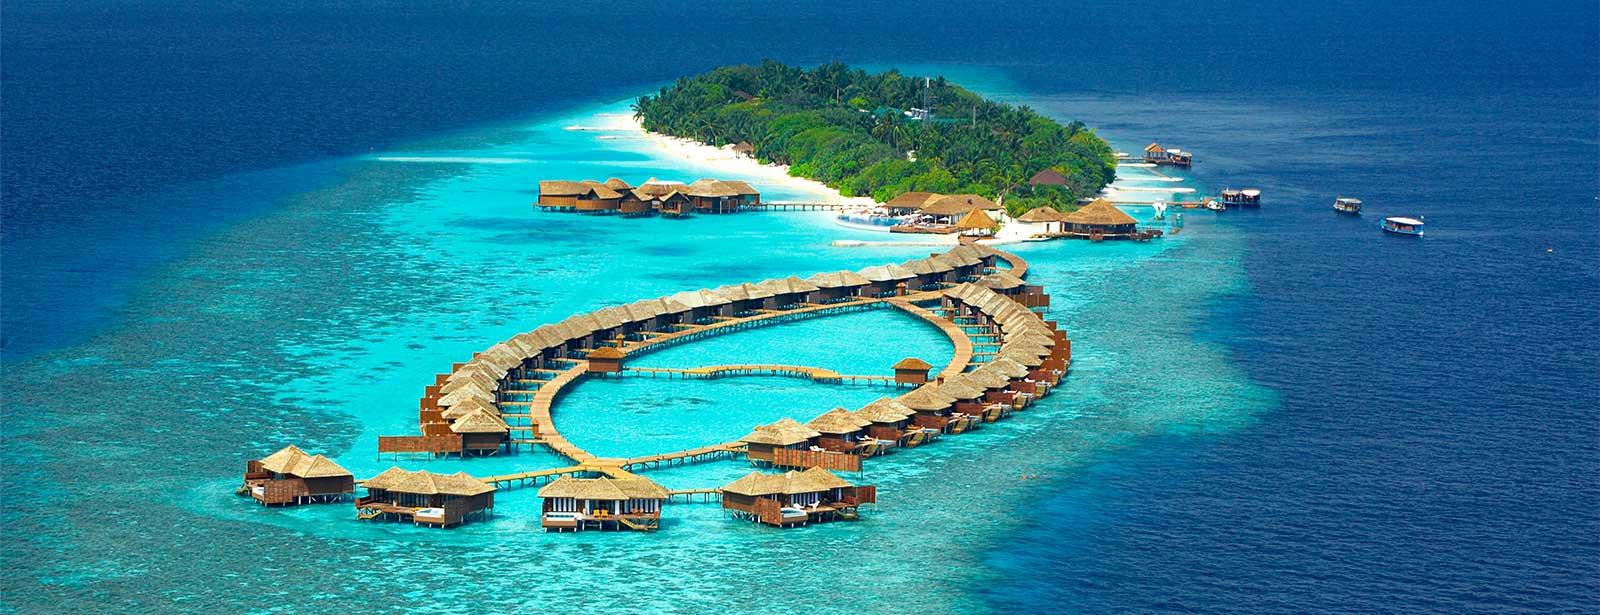 Lily Beach Resort & spa 5* - Atollo Ari Sud